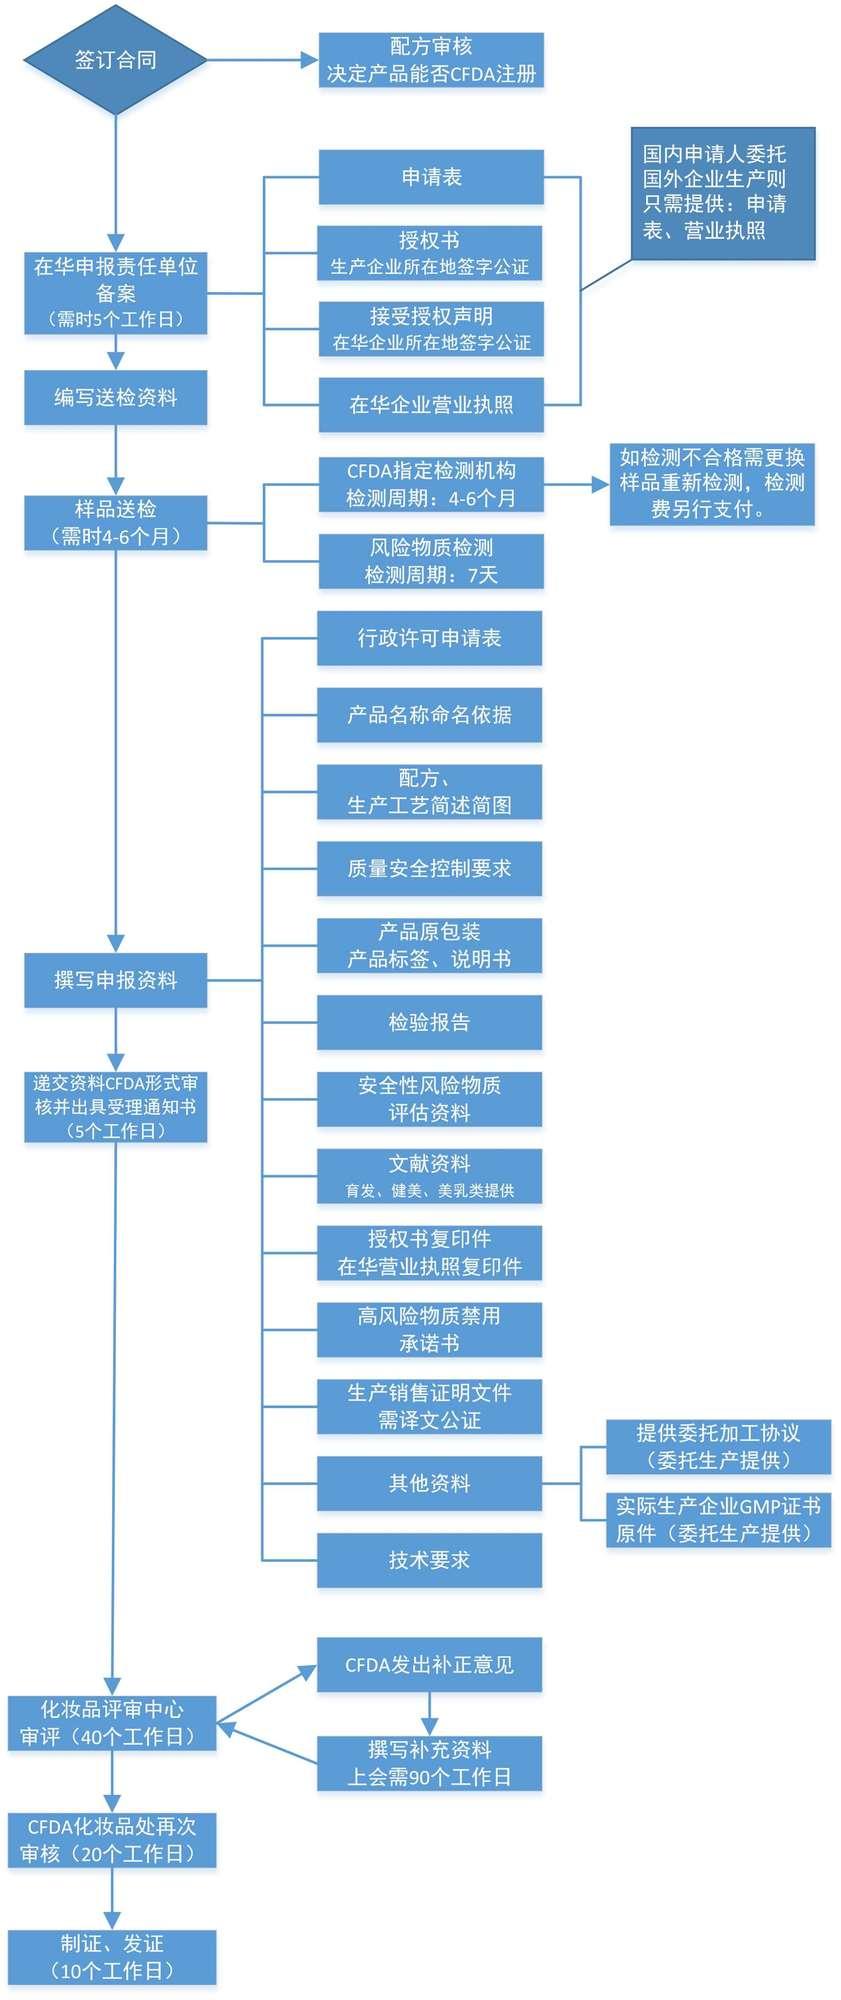 进口特殊用途化妆品户注册流程.jpg